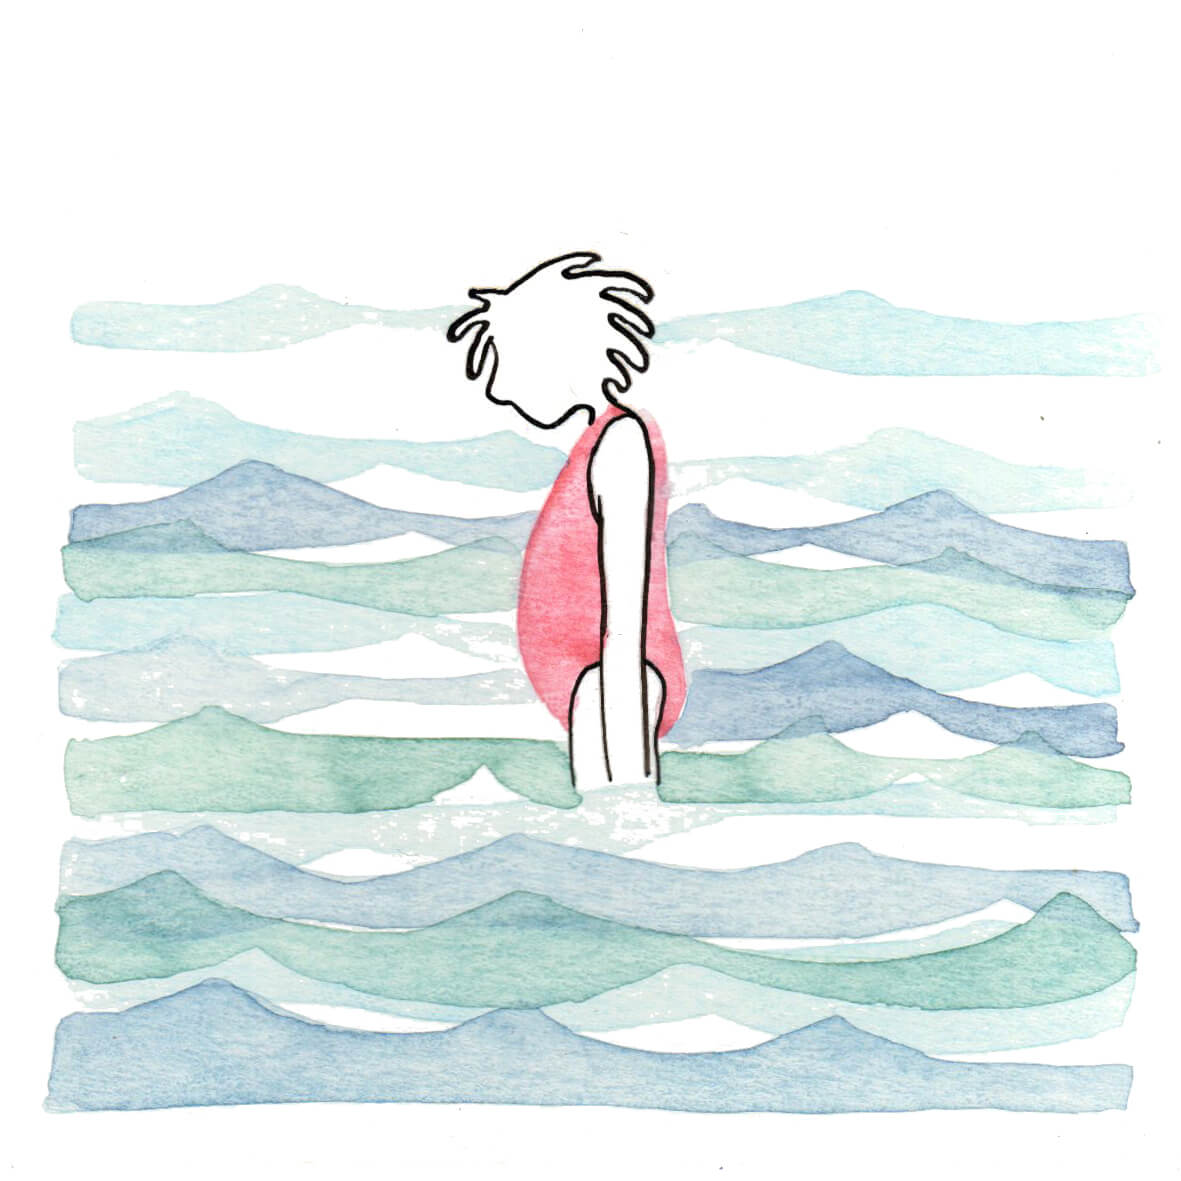 meisje in het water | tekening door Cynthia Borst